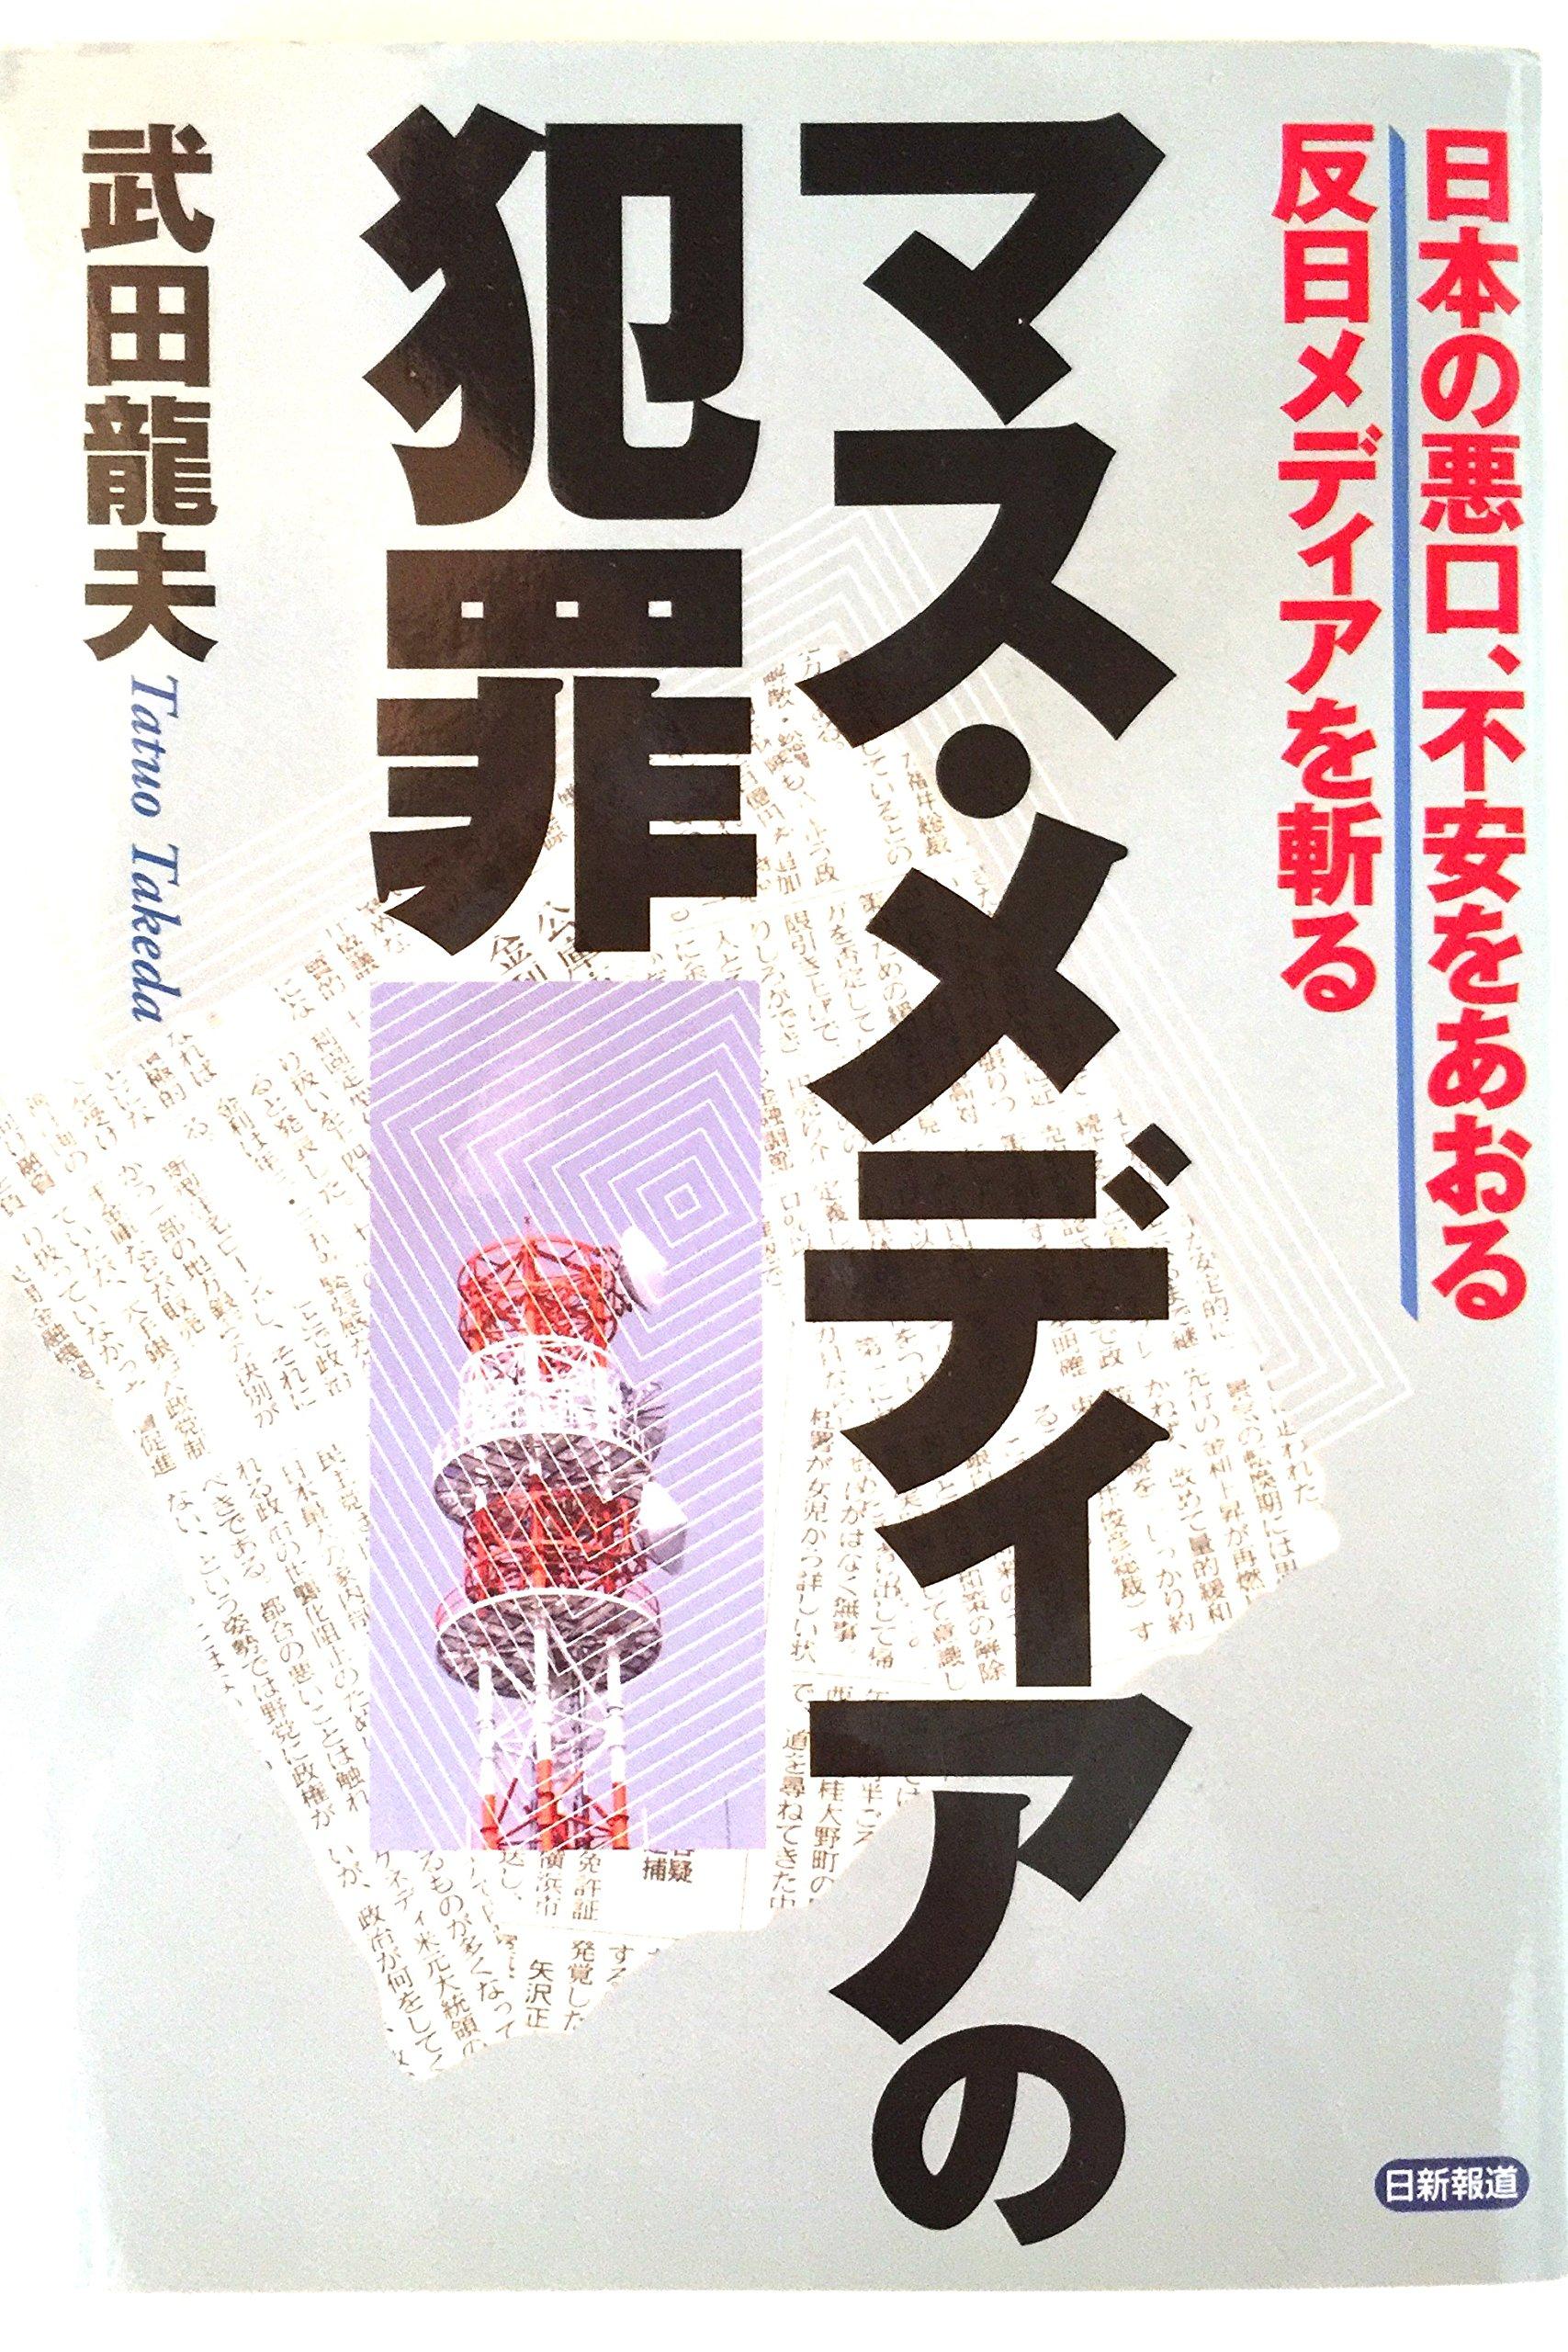 マス・メディアの犯罪―日本の悪口、不安をあおる反日メディアを斬る ...